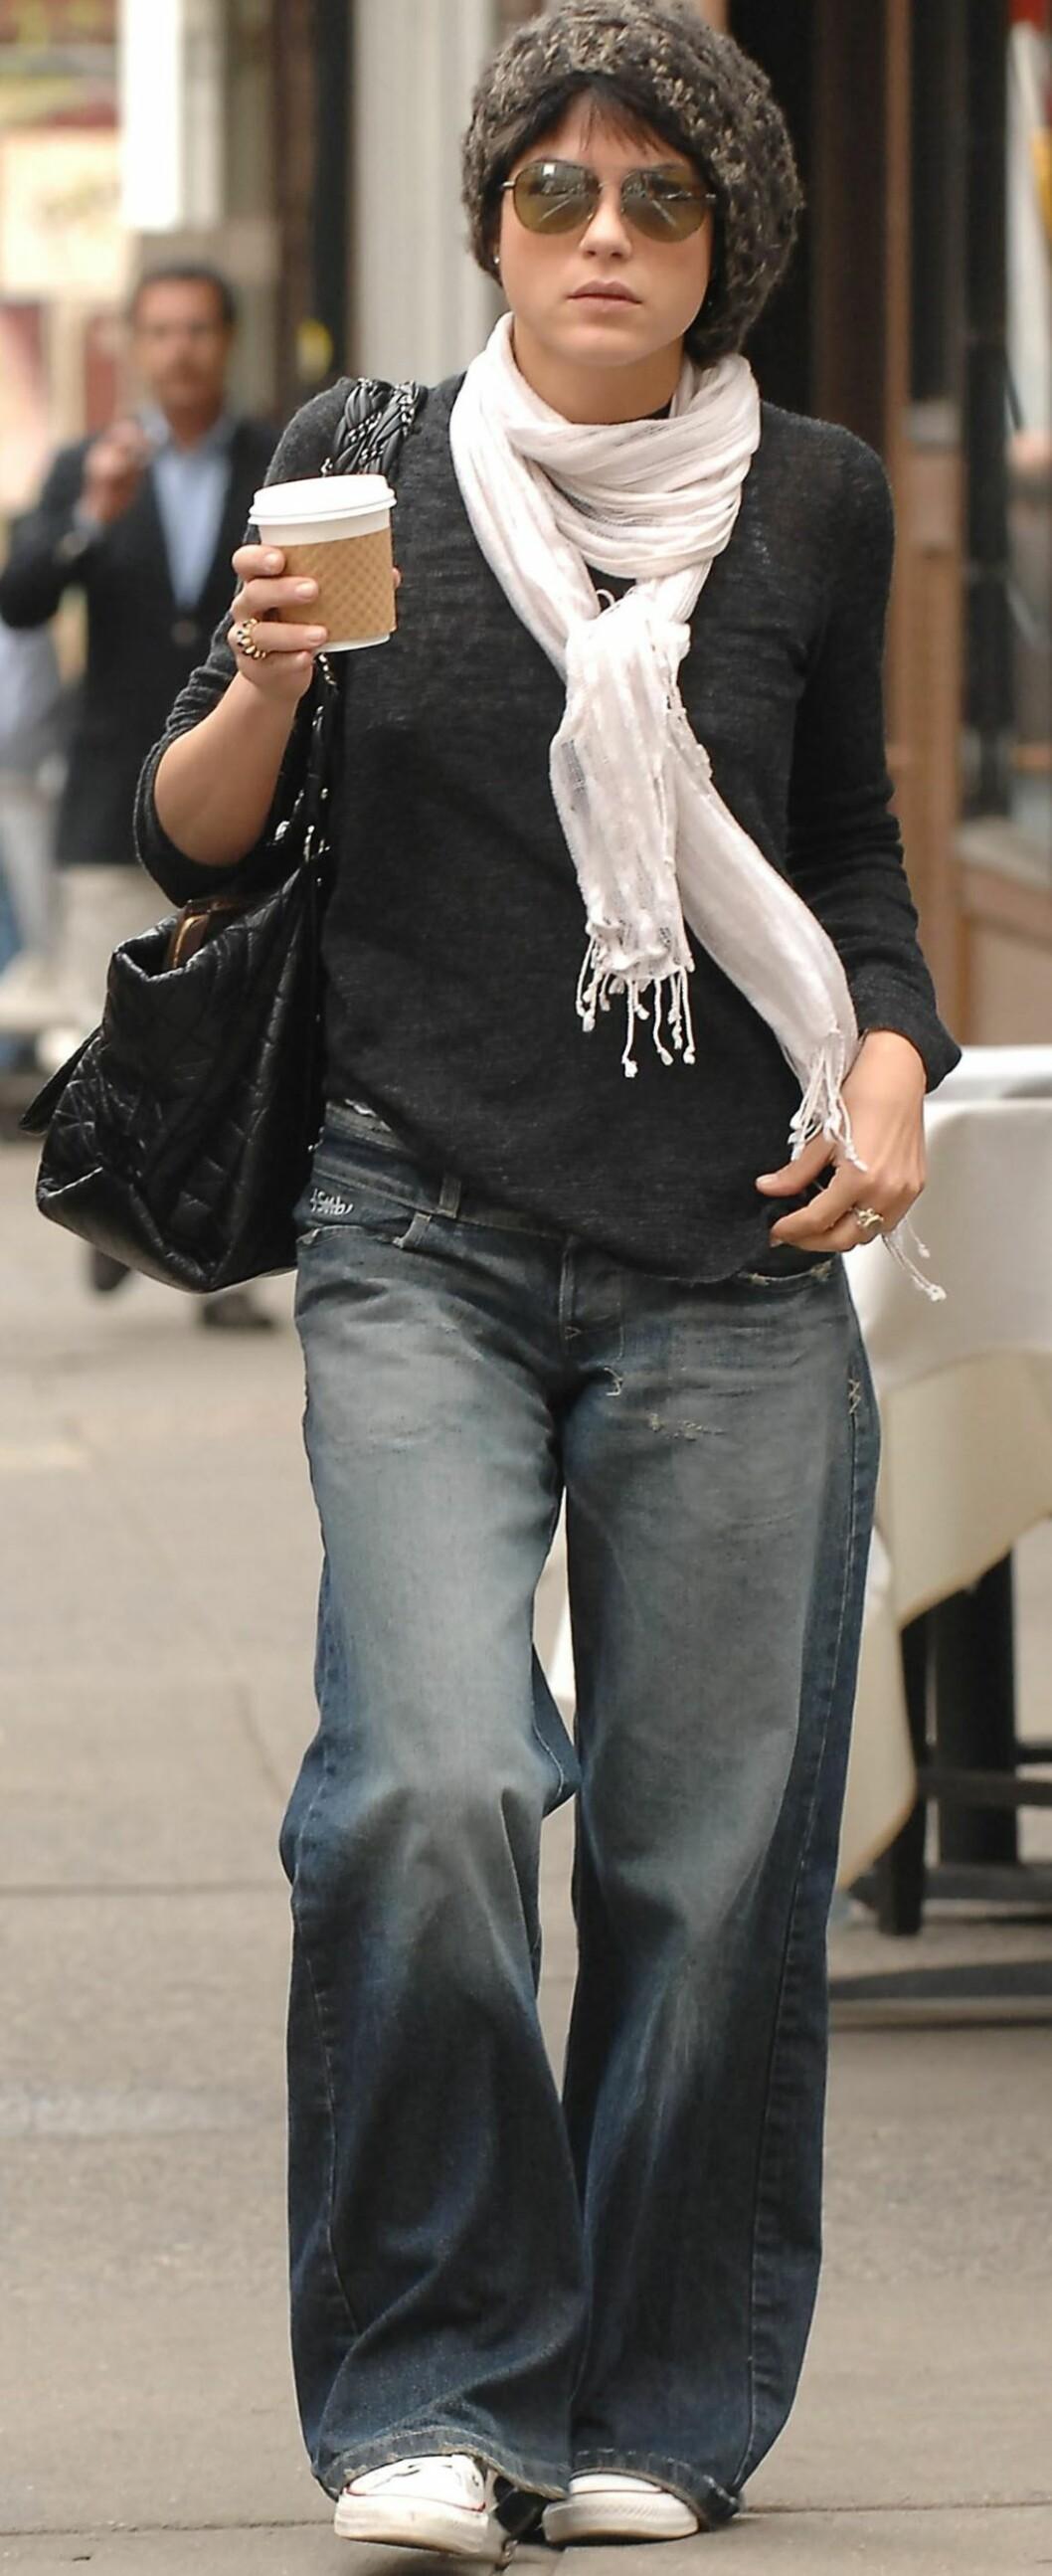 Skuespiller Selma Blair, kjent fra filmer som «Legally Blonde» og «Cruel Intentions» går rundt i Soho med en slitt, vid jeans med sleng.